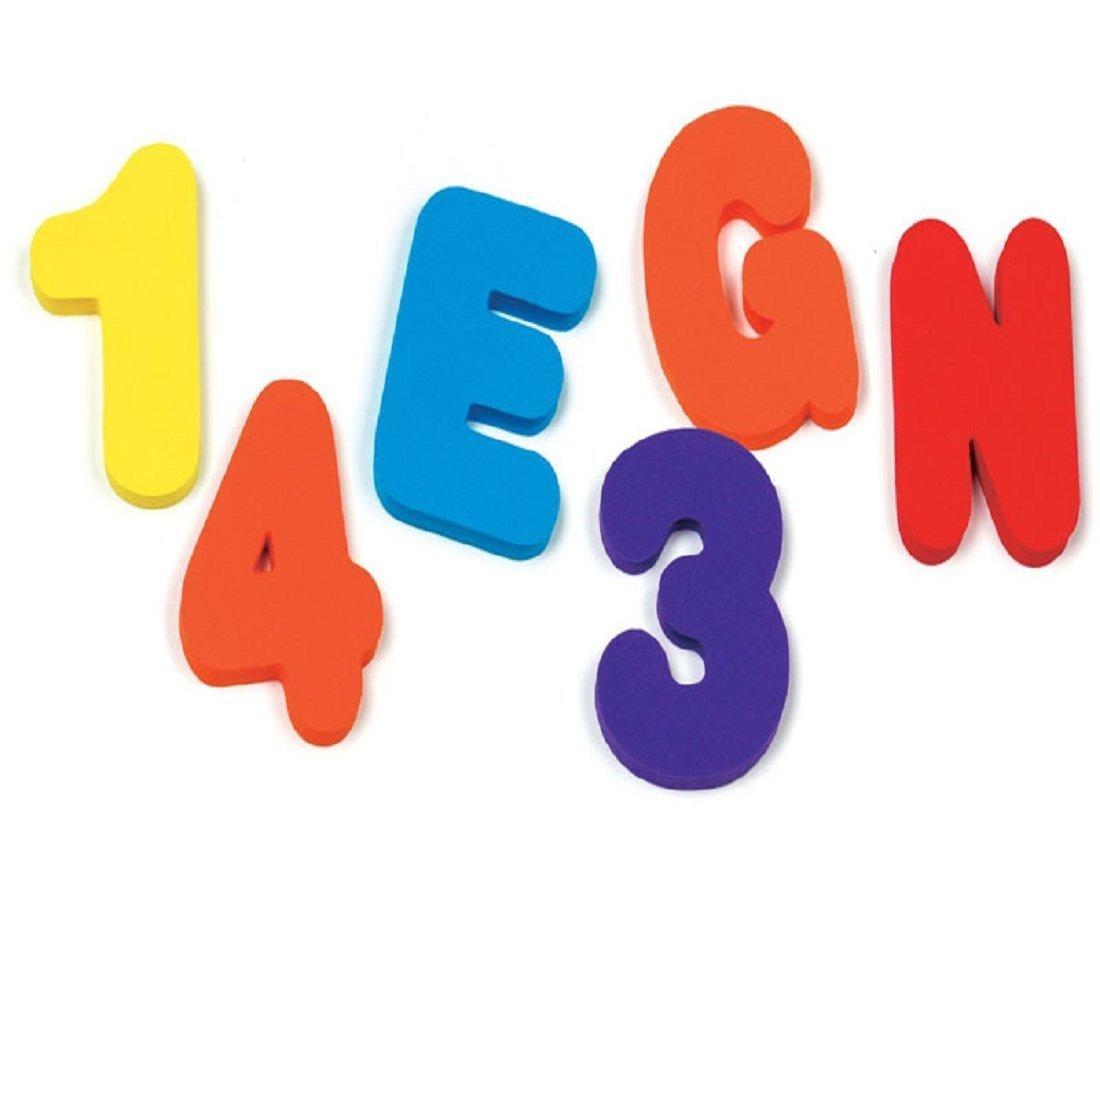 5Five N/úmeros de ni/ños y Letras de ingl/és rompecabezas de ba/ño reconocimiento leer y escribir juguetes